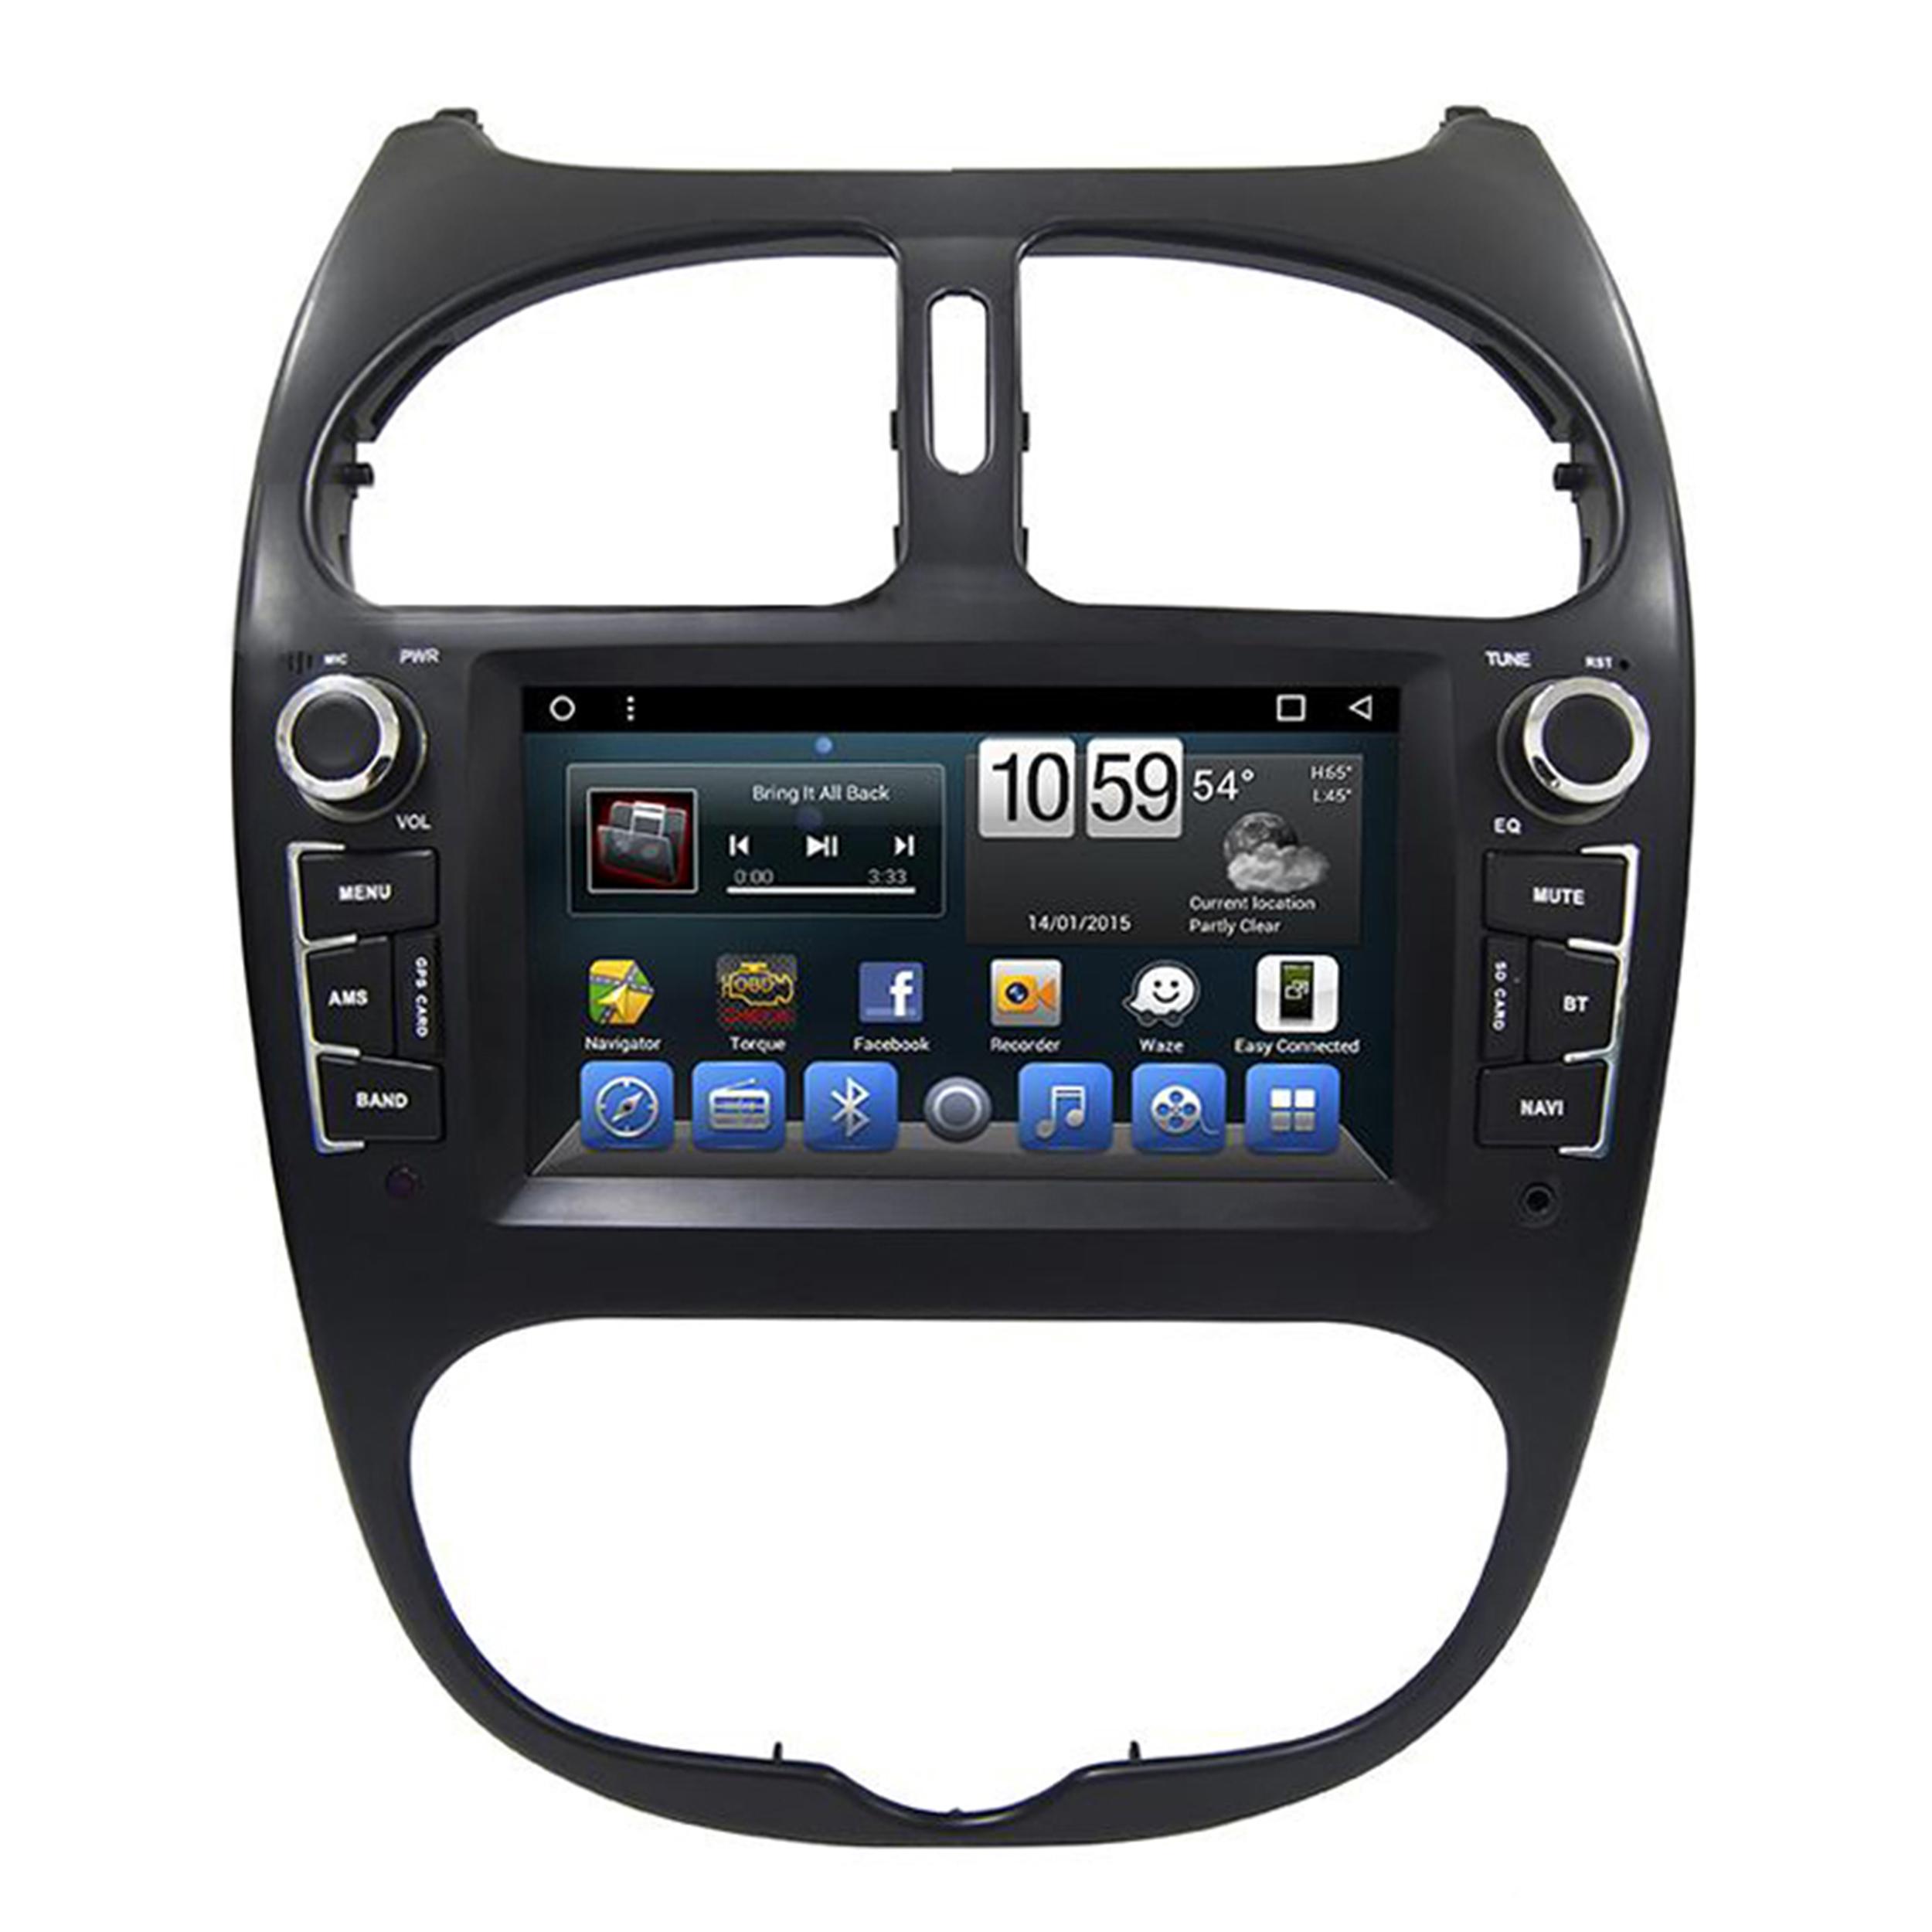 خرید اینترنتی                     پخش کننده خودرو مدل hrmn-920